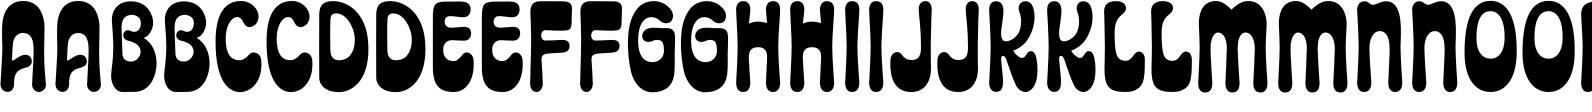 Koooky